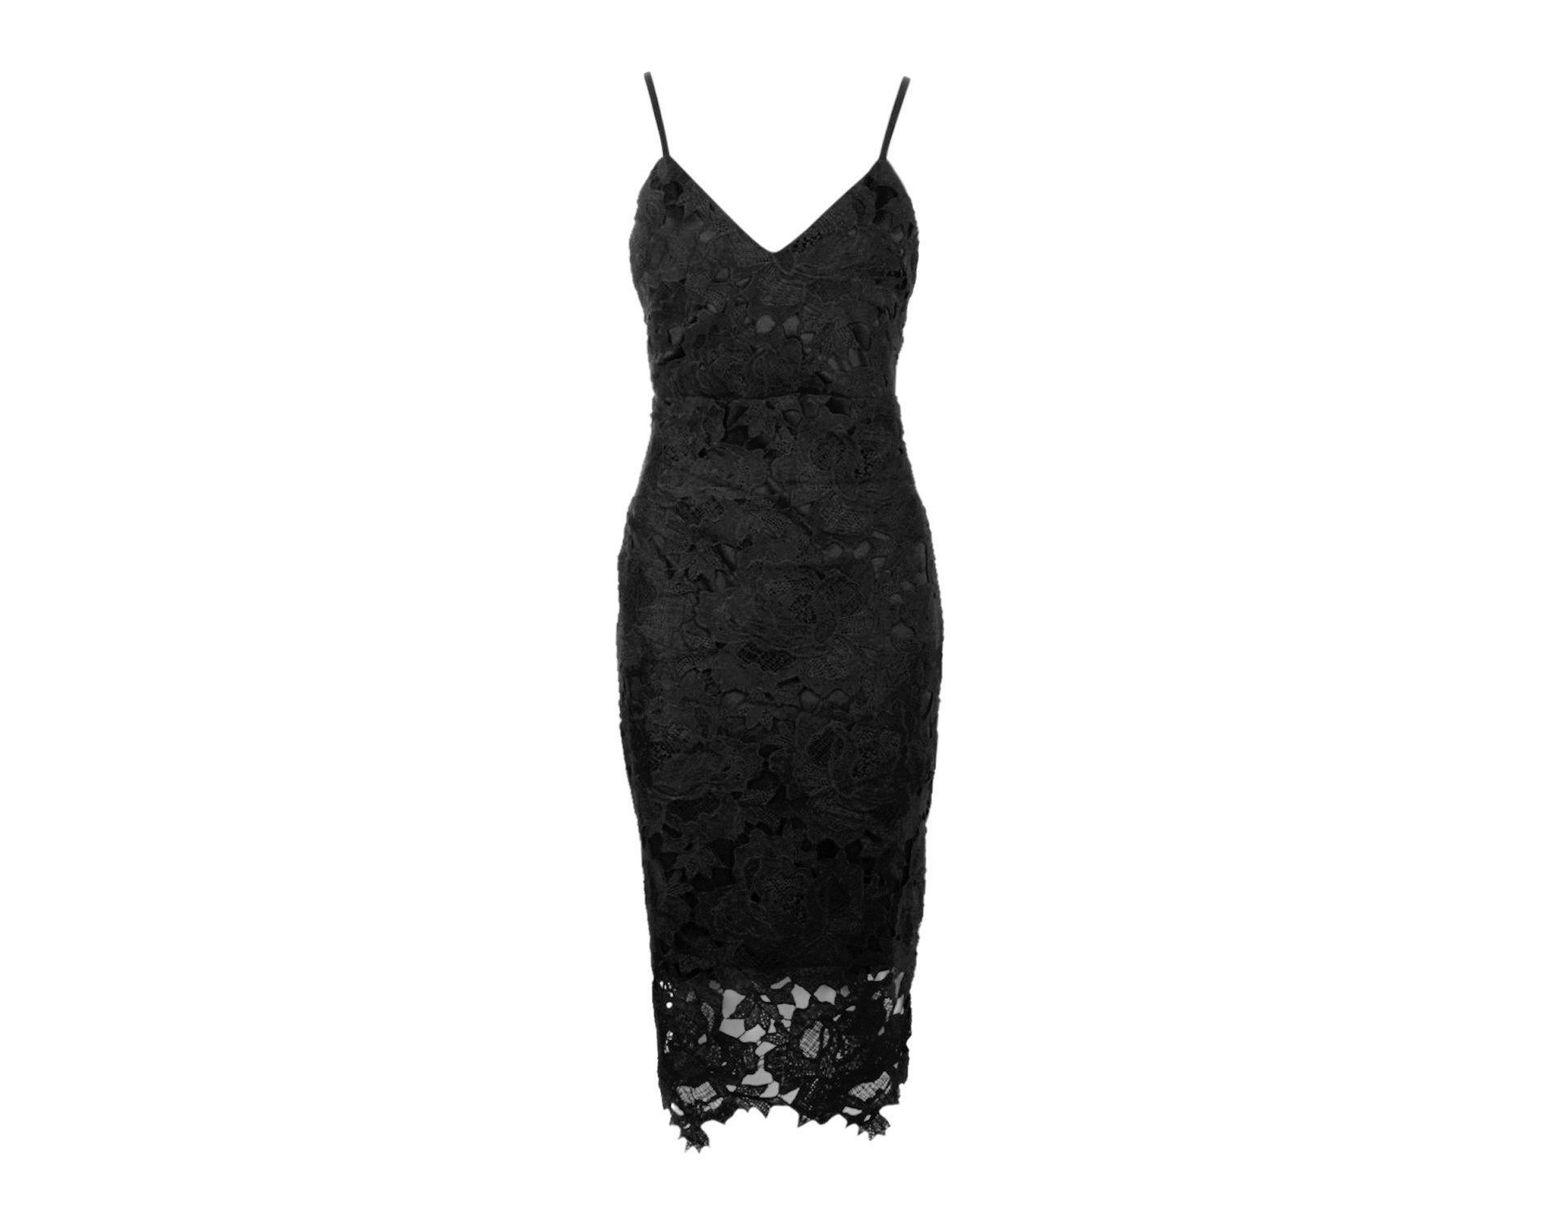 905400abde54 Boohoo Boutique Crochet Lace Strappy Midi Dress in Black - Lyst